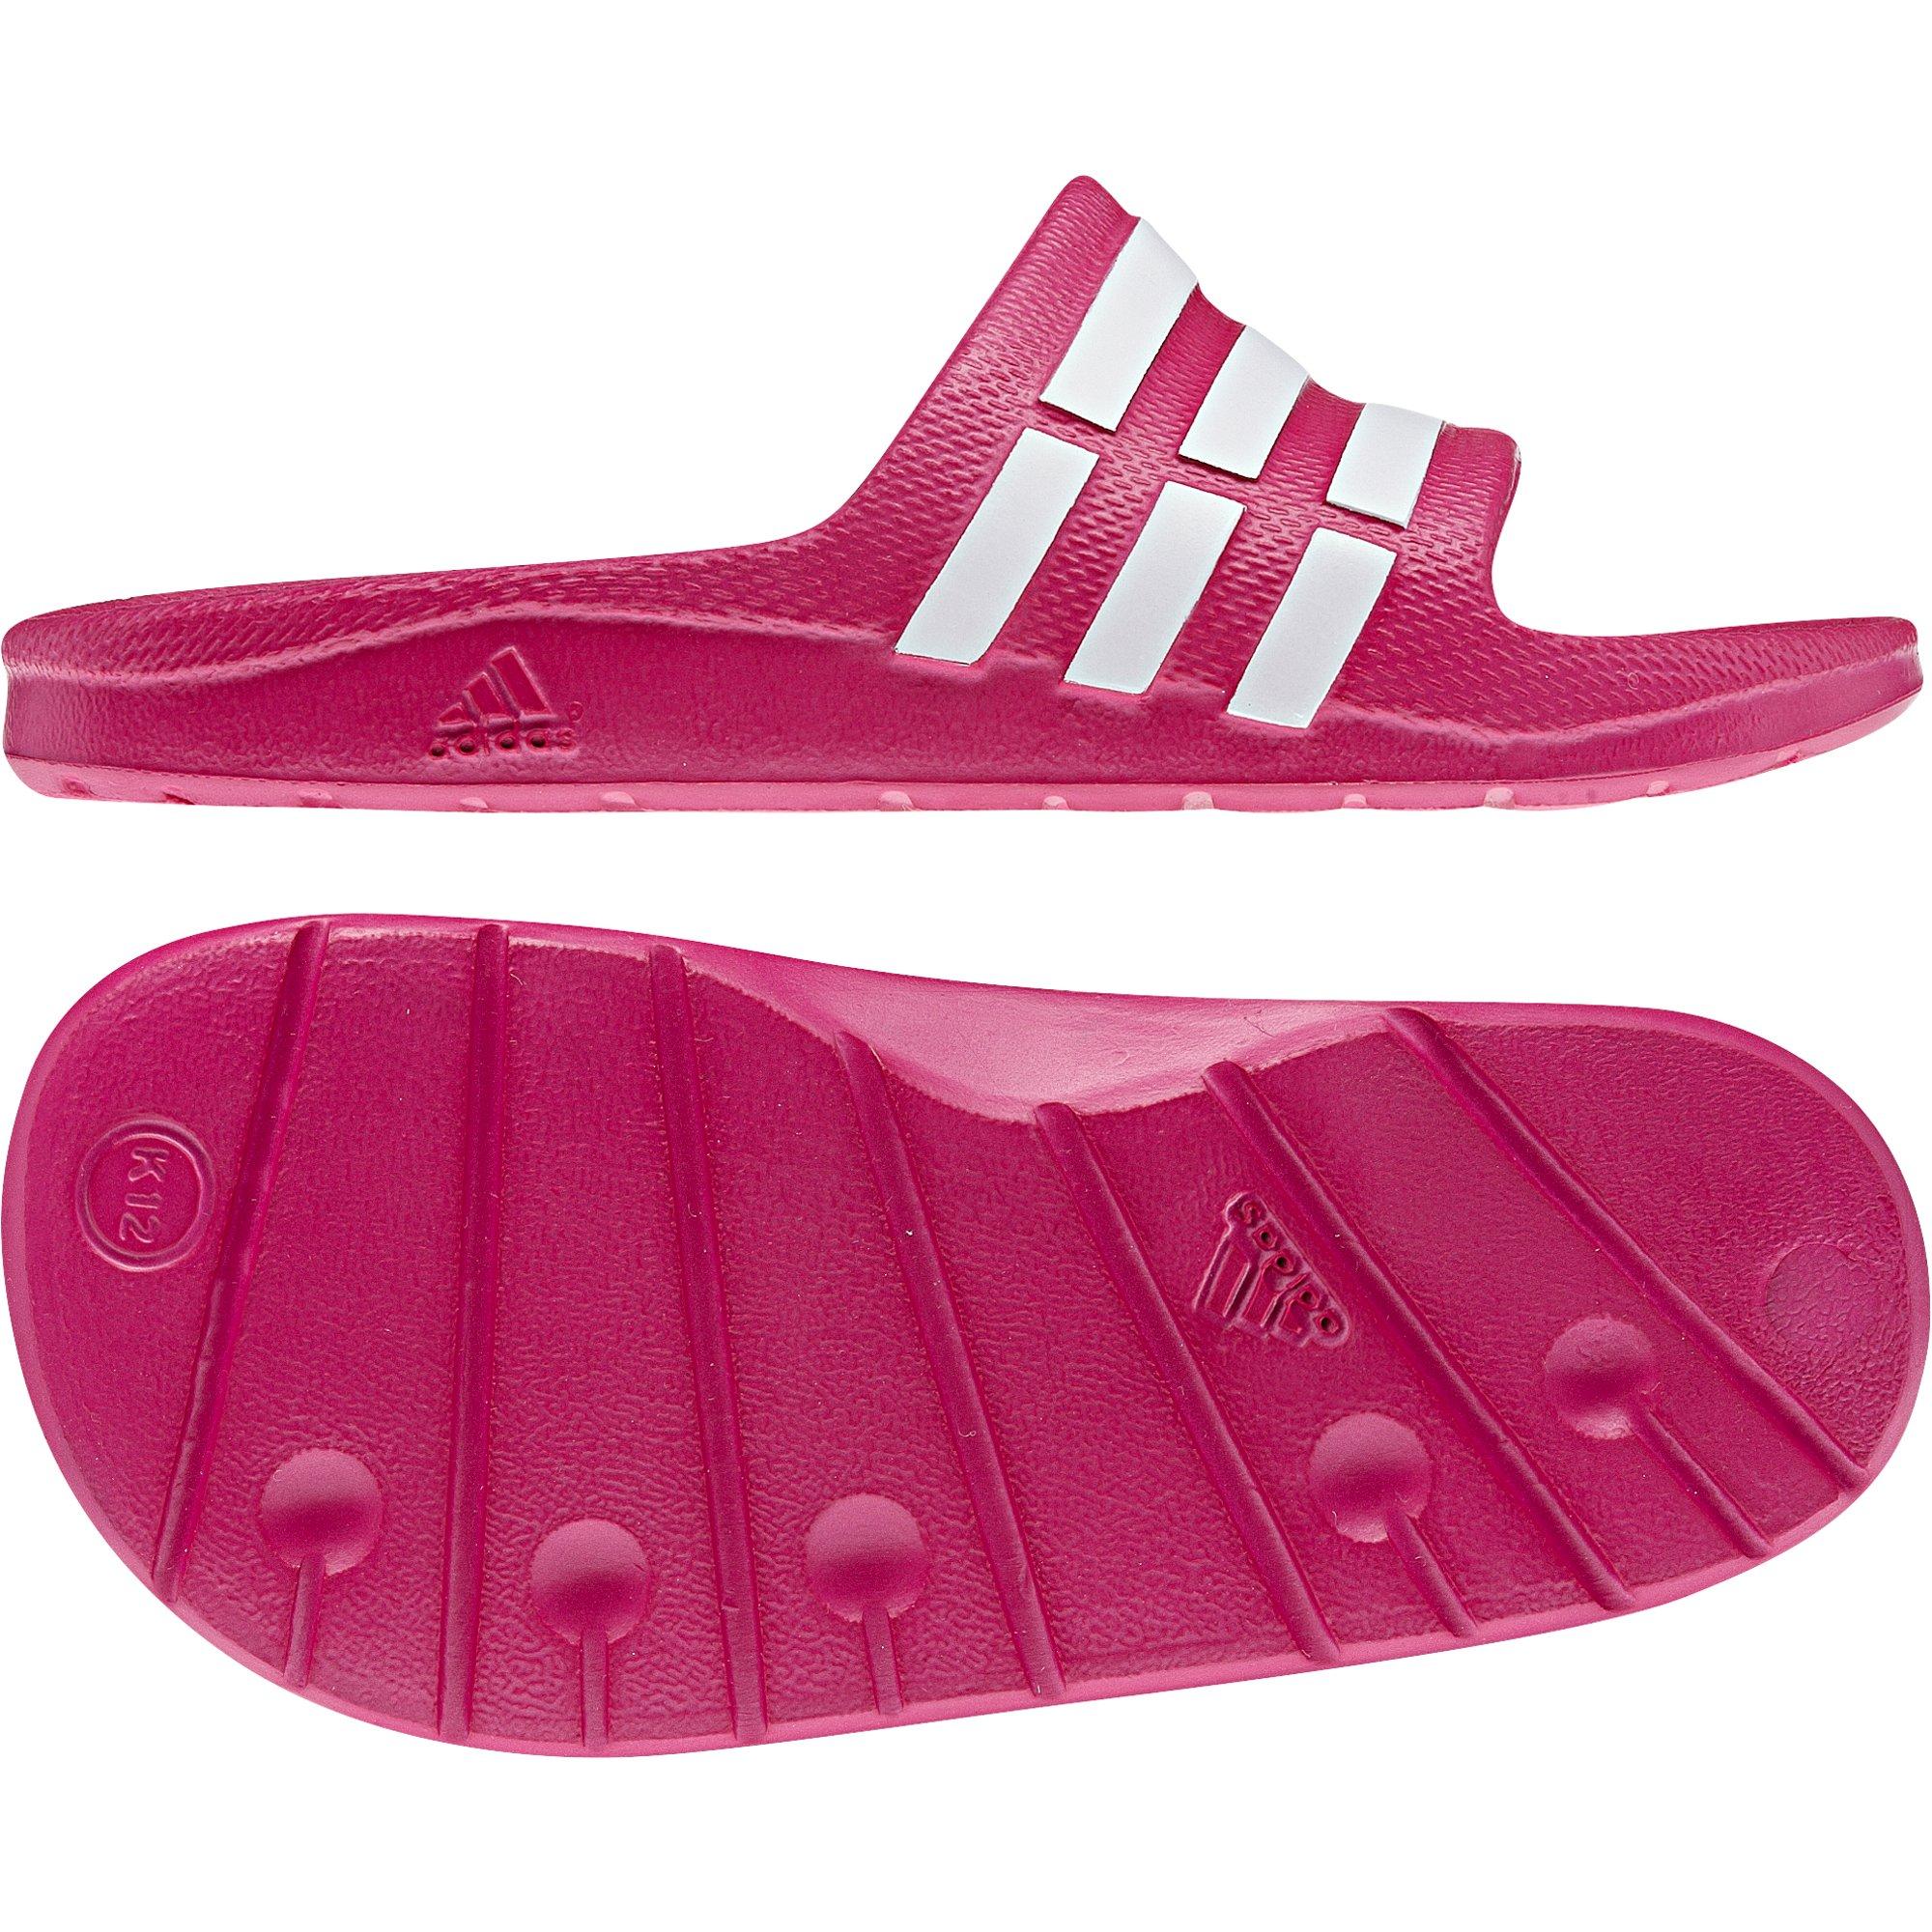 Купить шлепанцы adidas года 6 38  G06797 на Eurozakup - цены и фото - доставка из Польши и стран Европы в Украину.